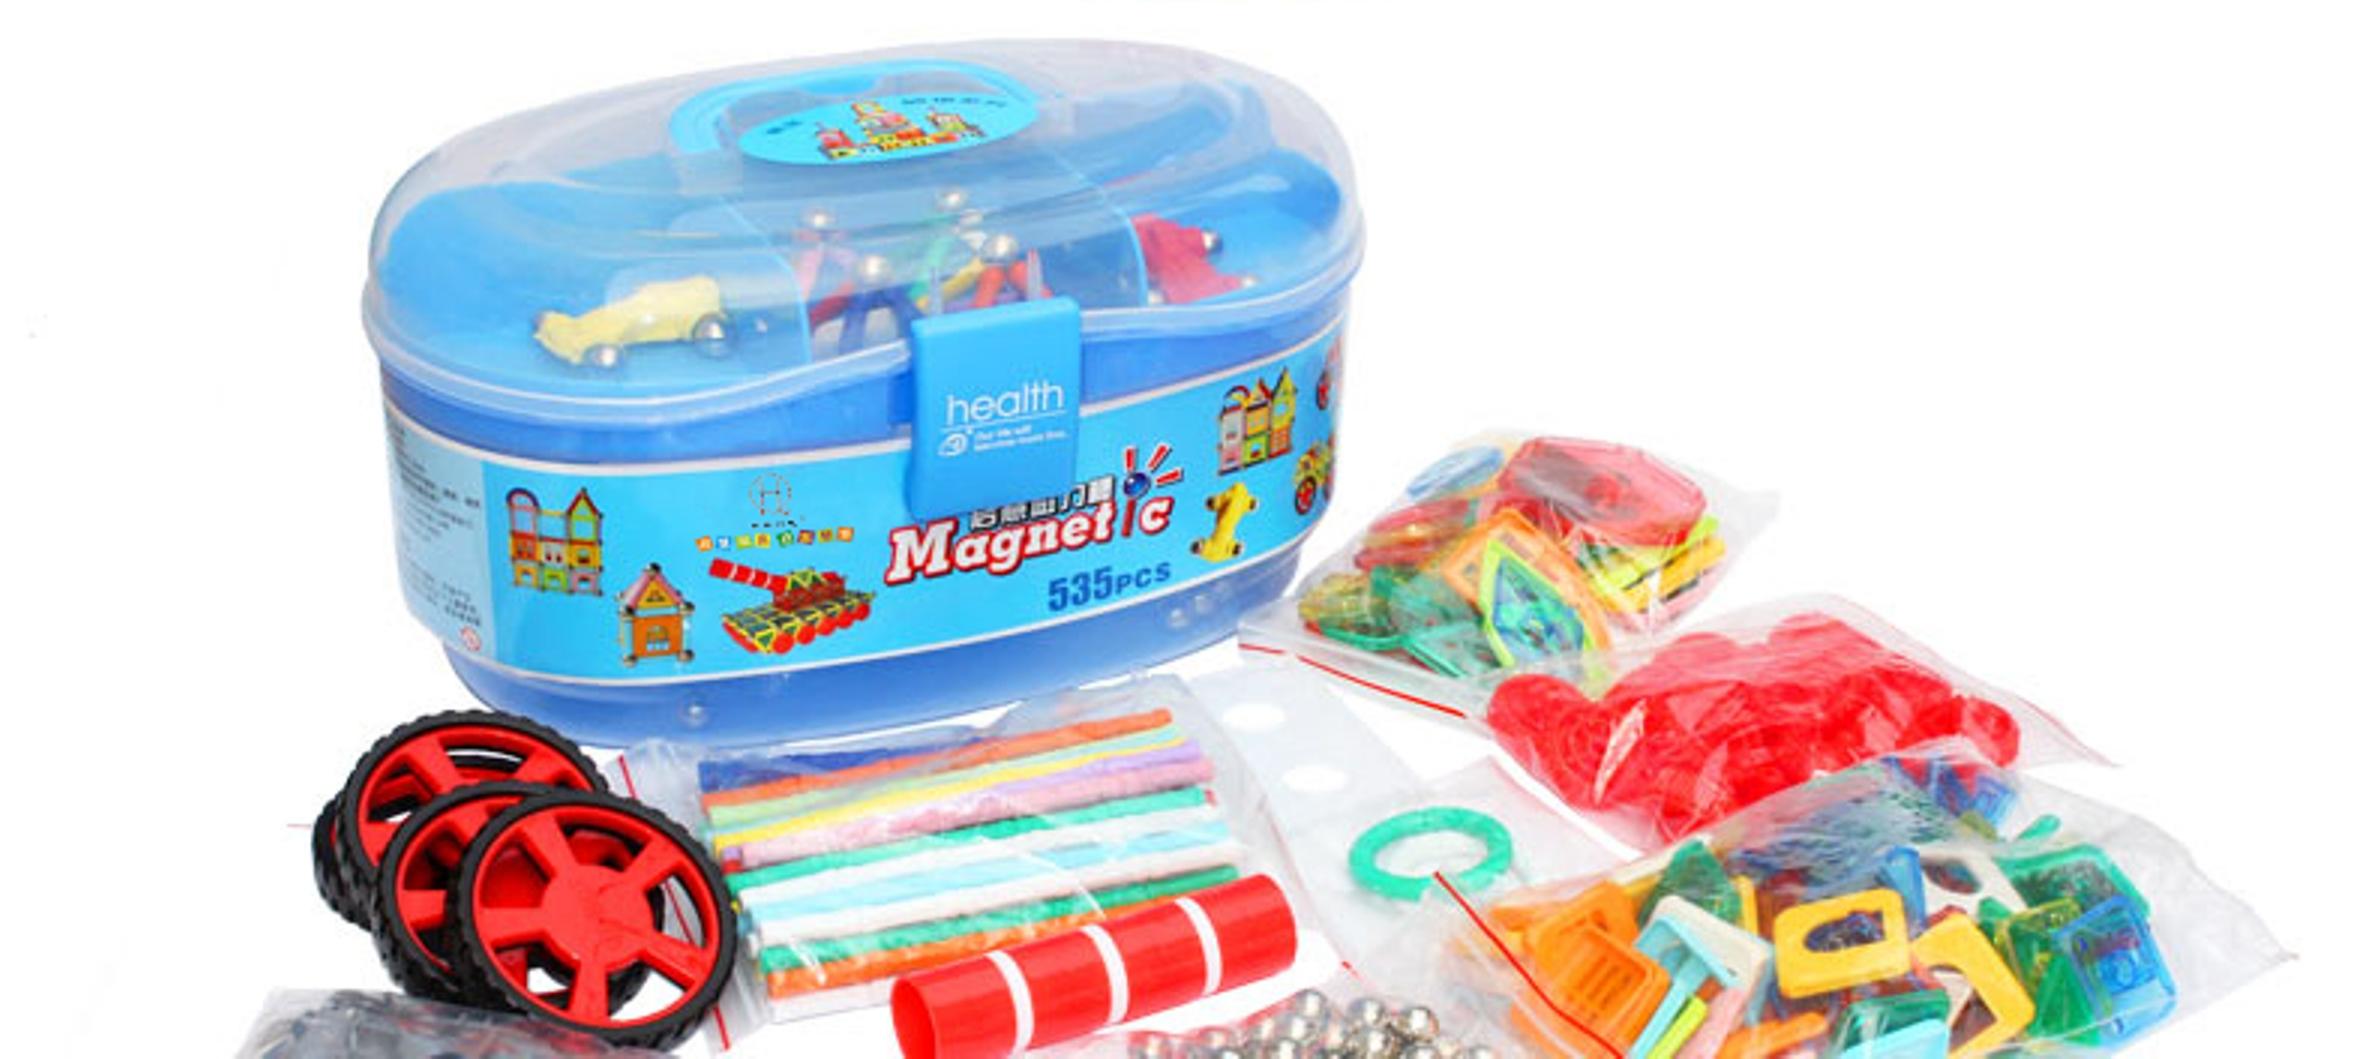 Magnetická stavebnice v kufříku, 535 dílů